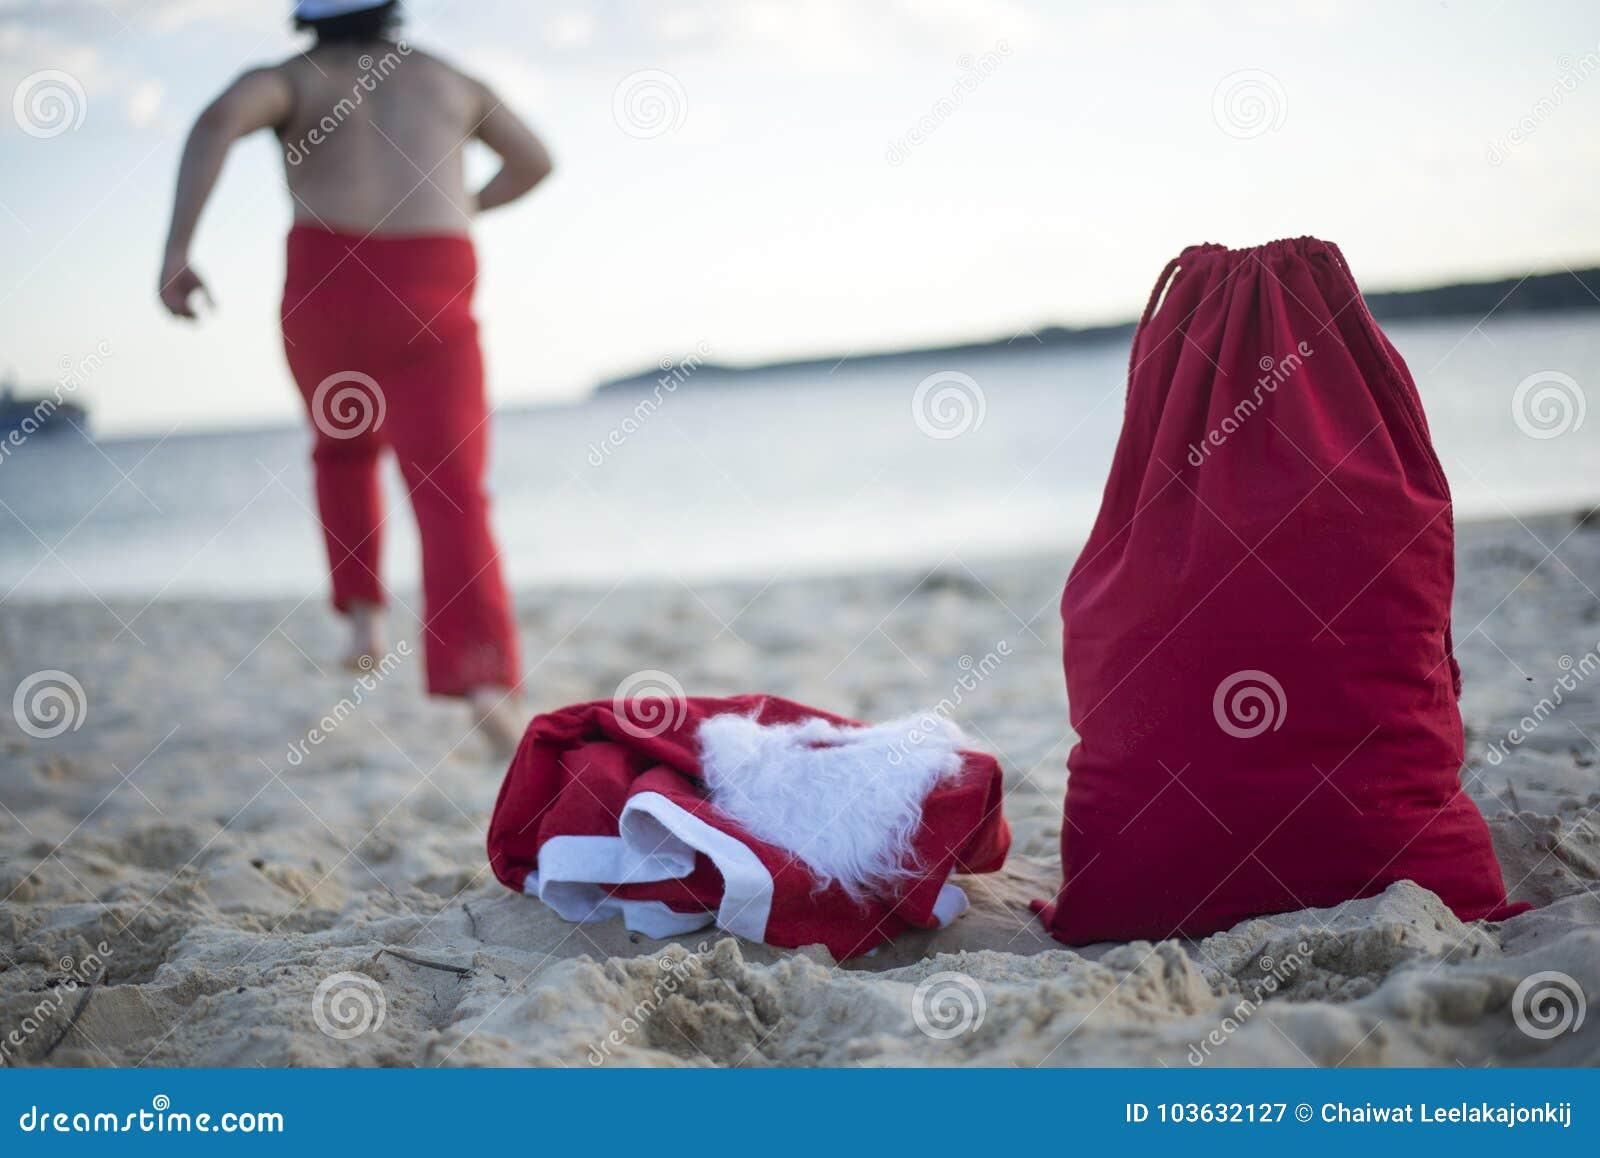 Glad jul i sommar från tropiskt klimat